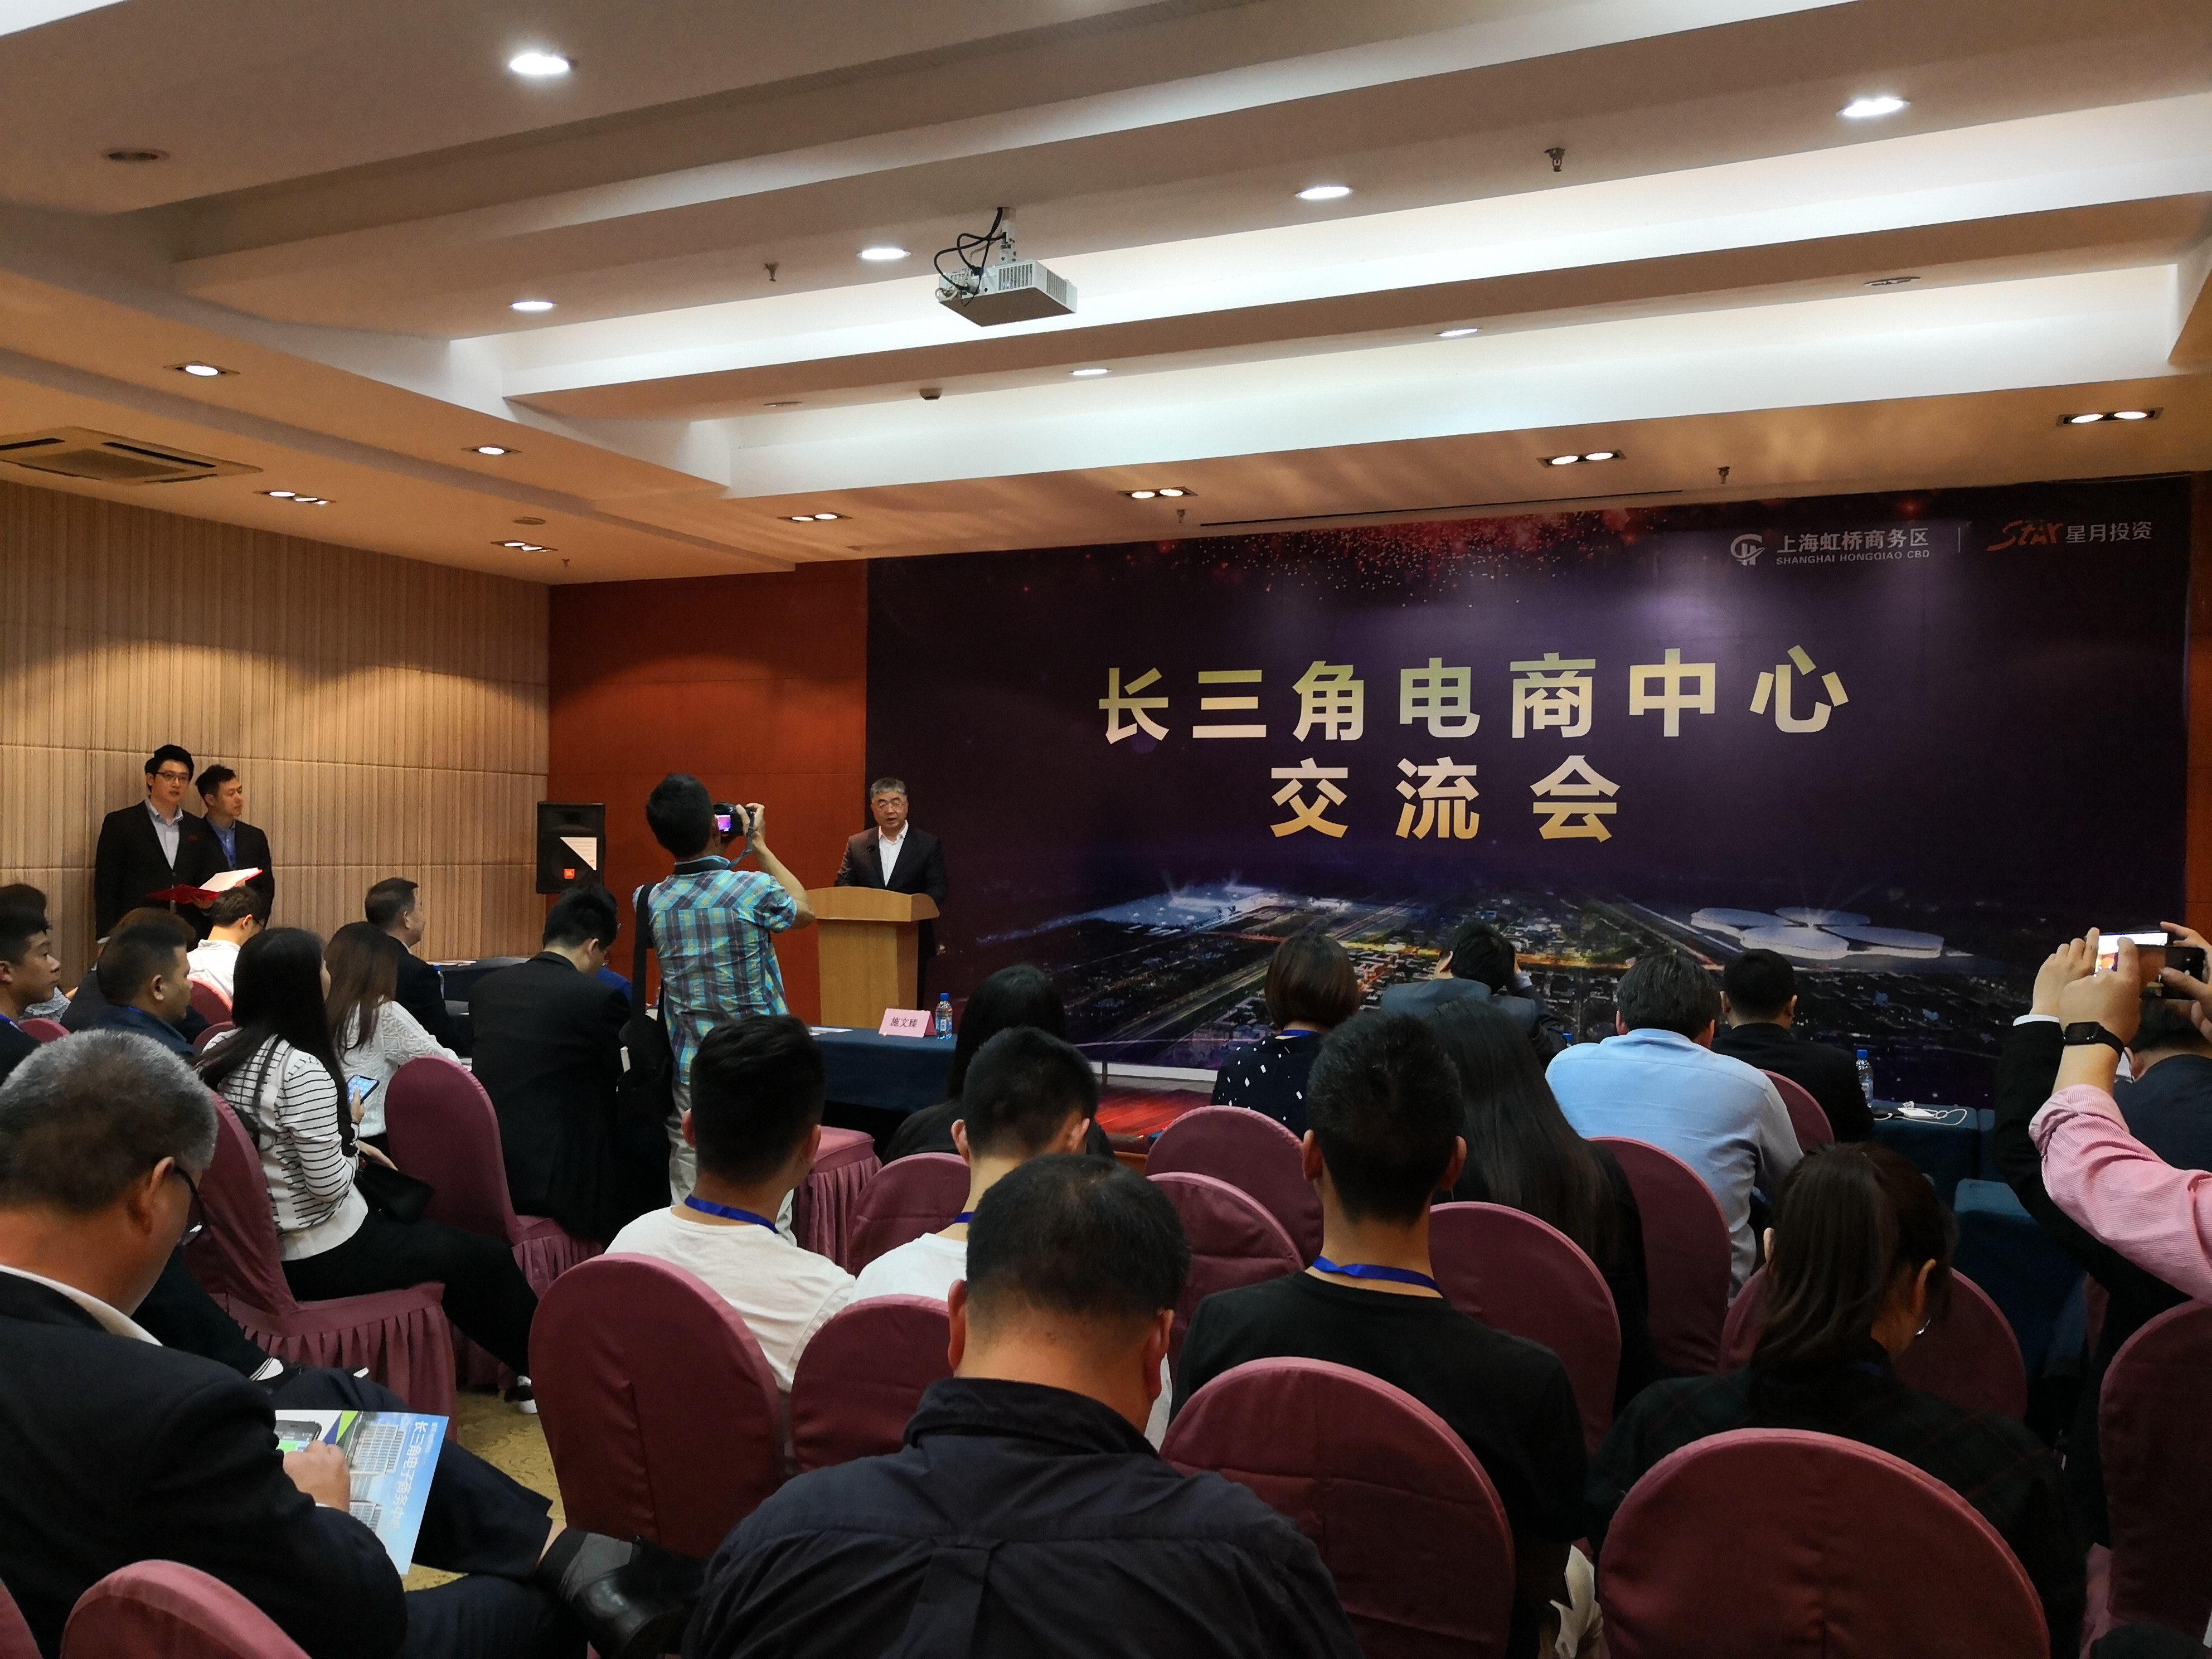 长三角电商中心在电商博览会期间举行交流会,共话电商产业发展。记者沈贞海 摄